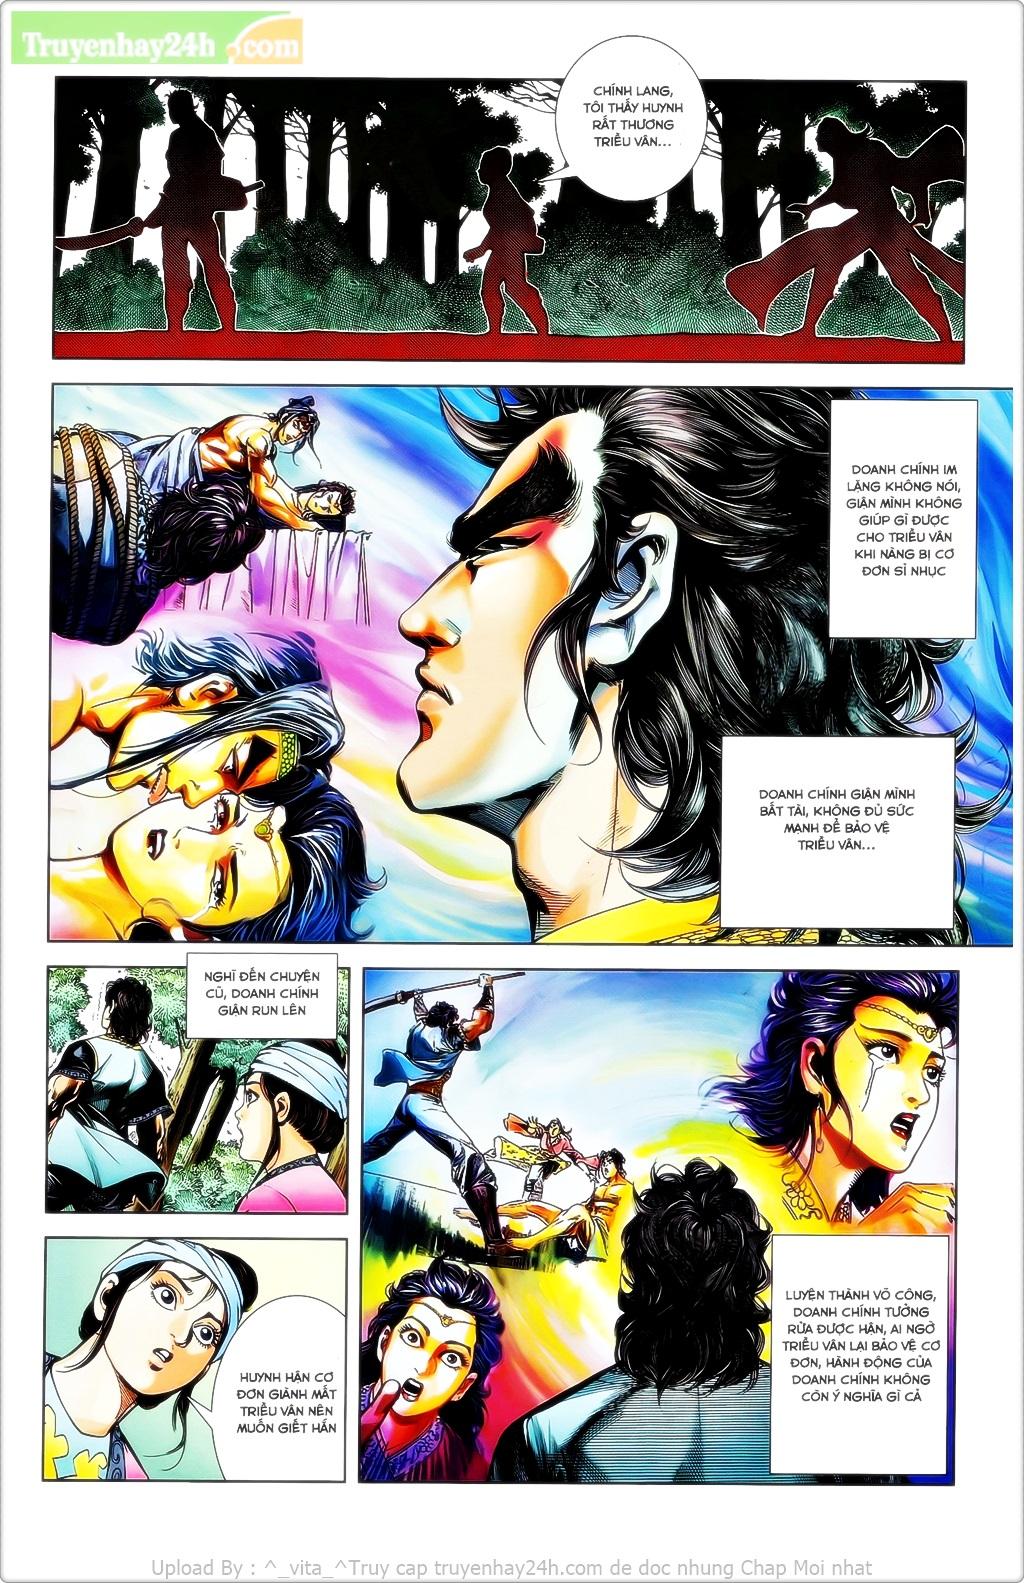 Tần Vương Doanh Chính chapter 23 trang 5